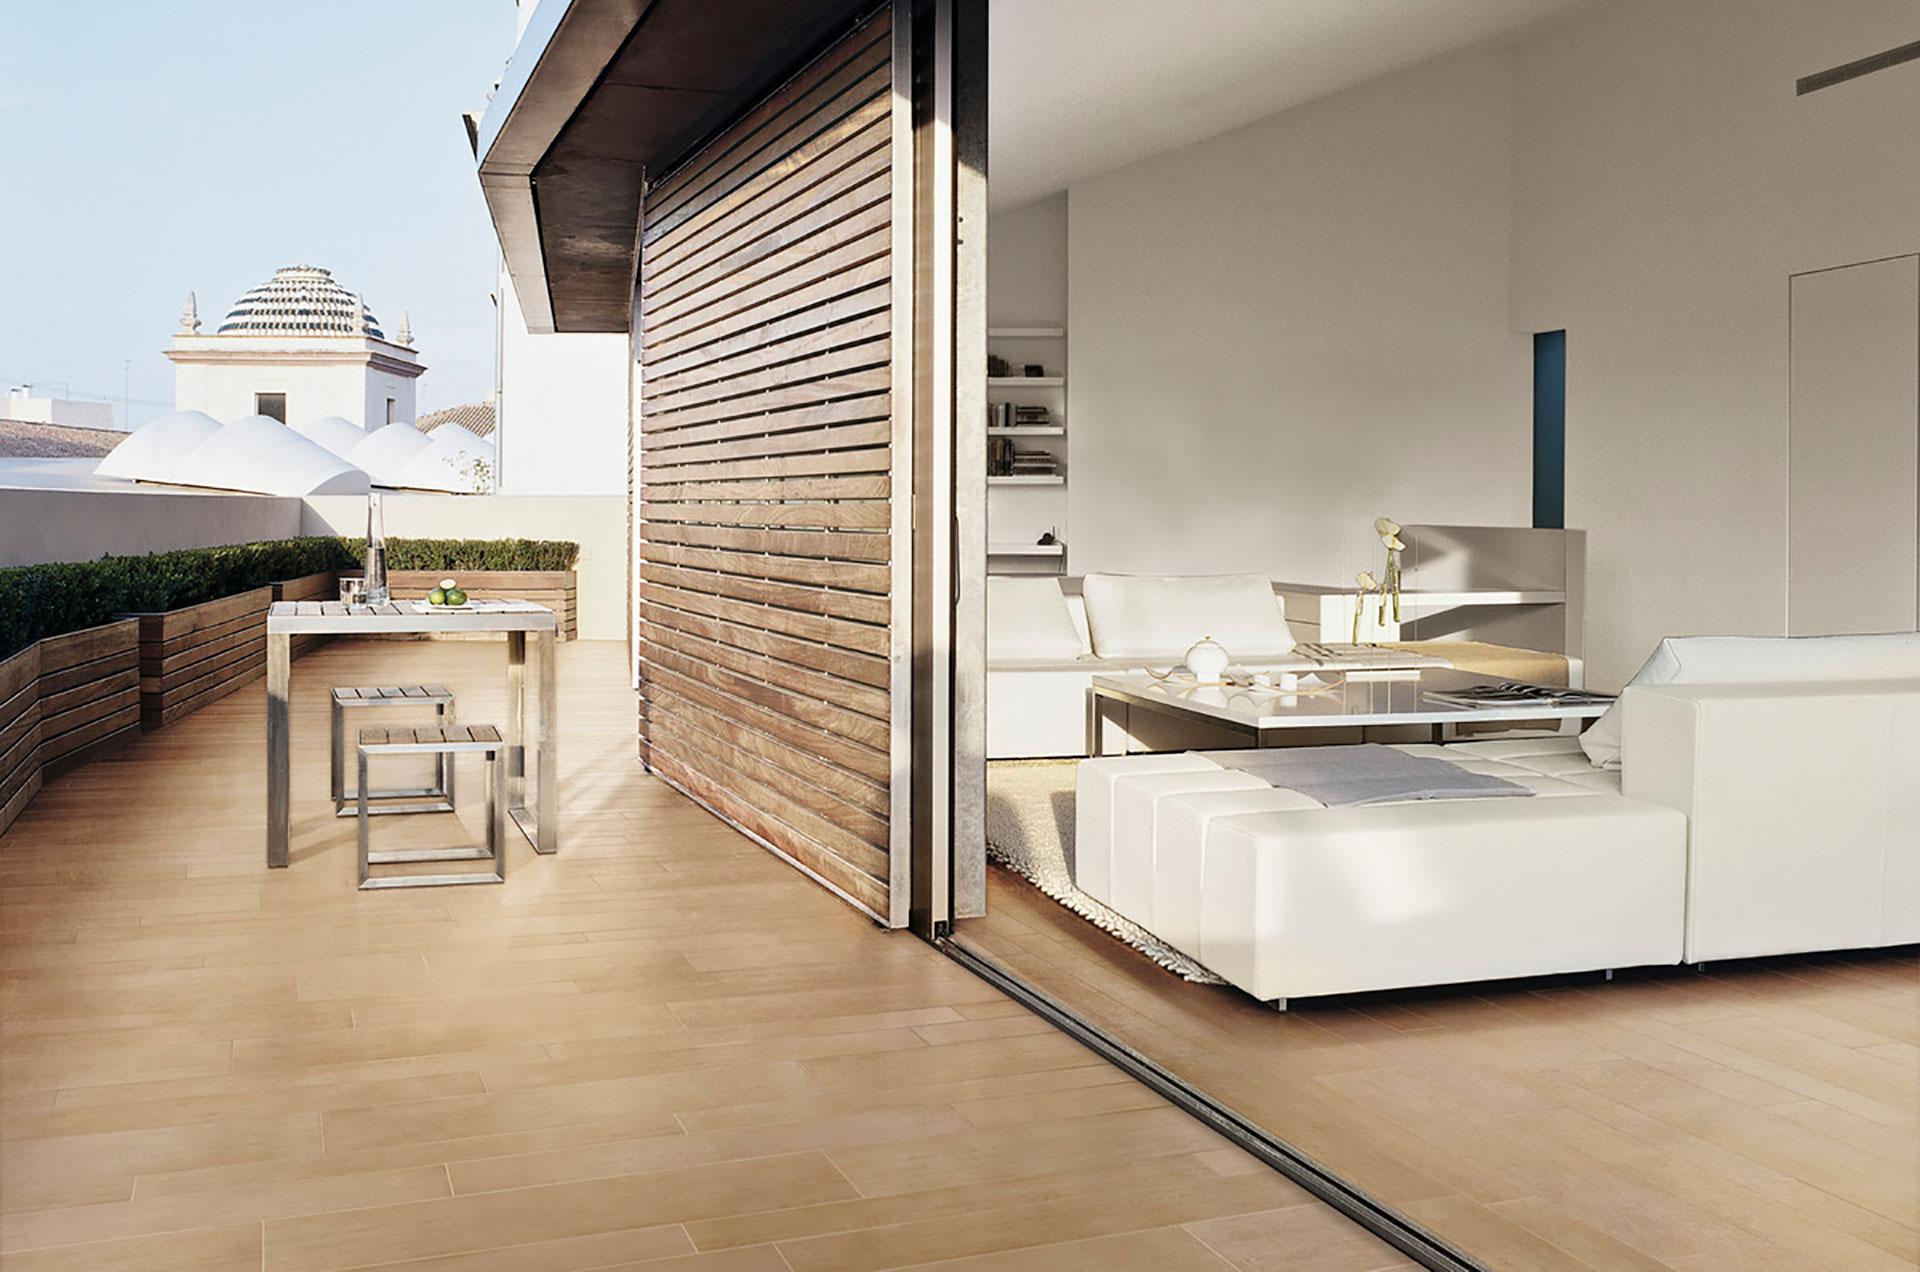 Ariostea Legni HighTech: tradition becomes contemporary design ...